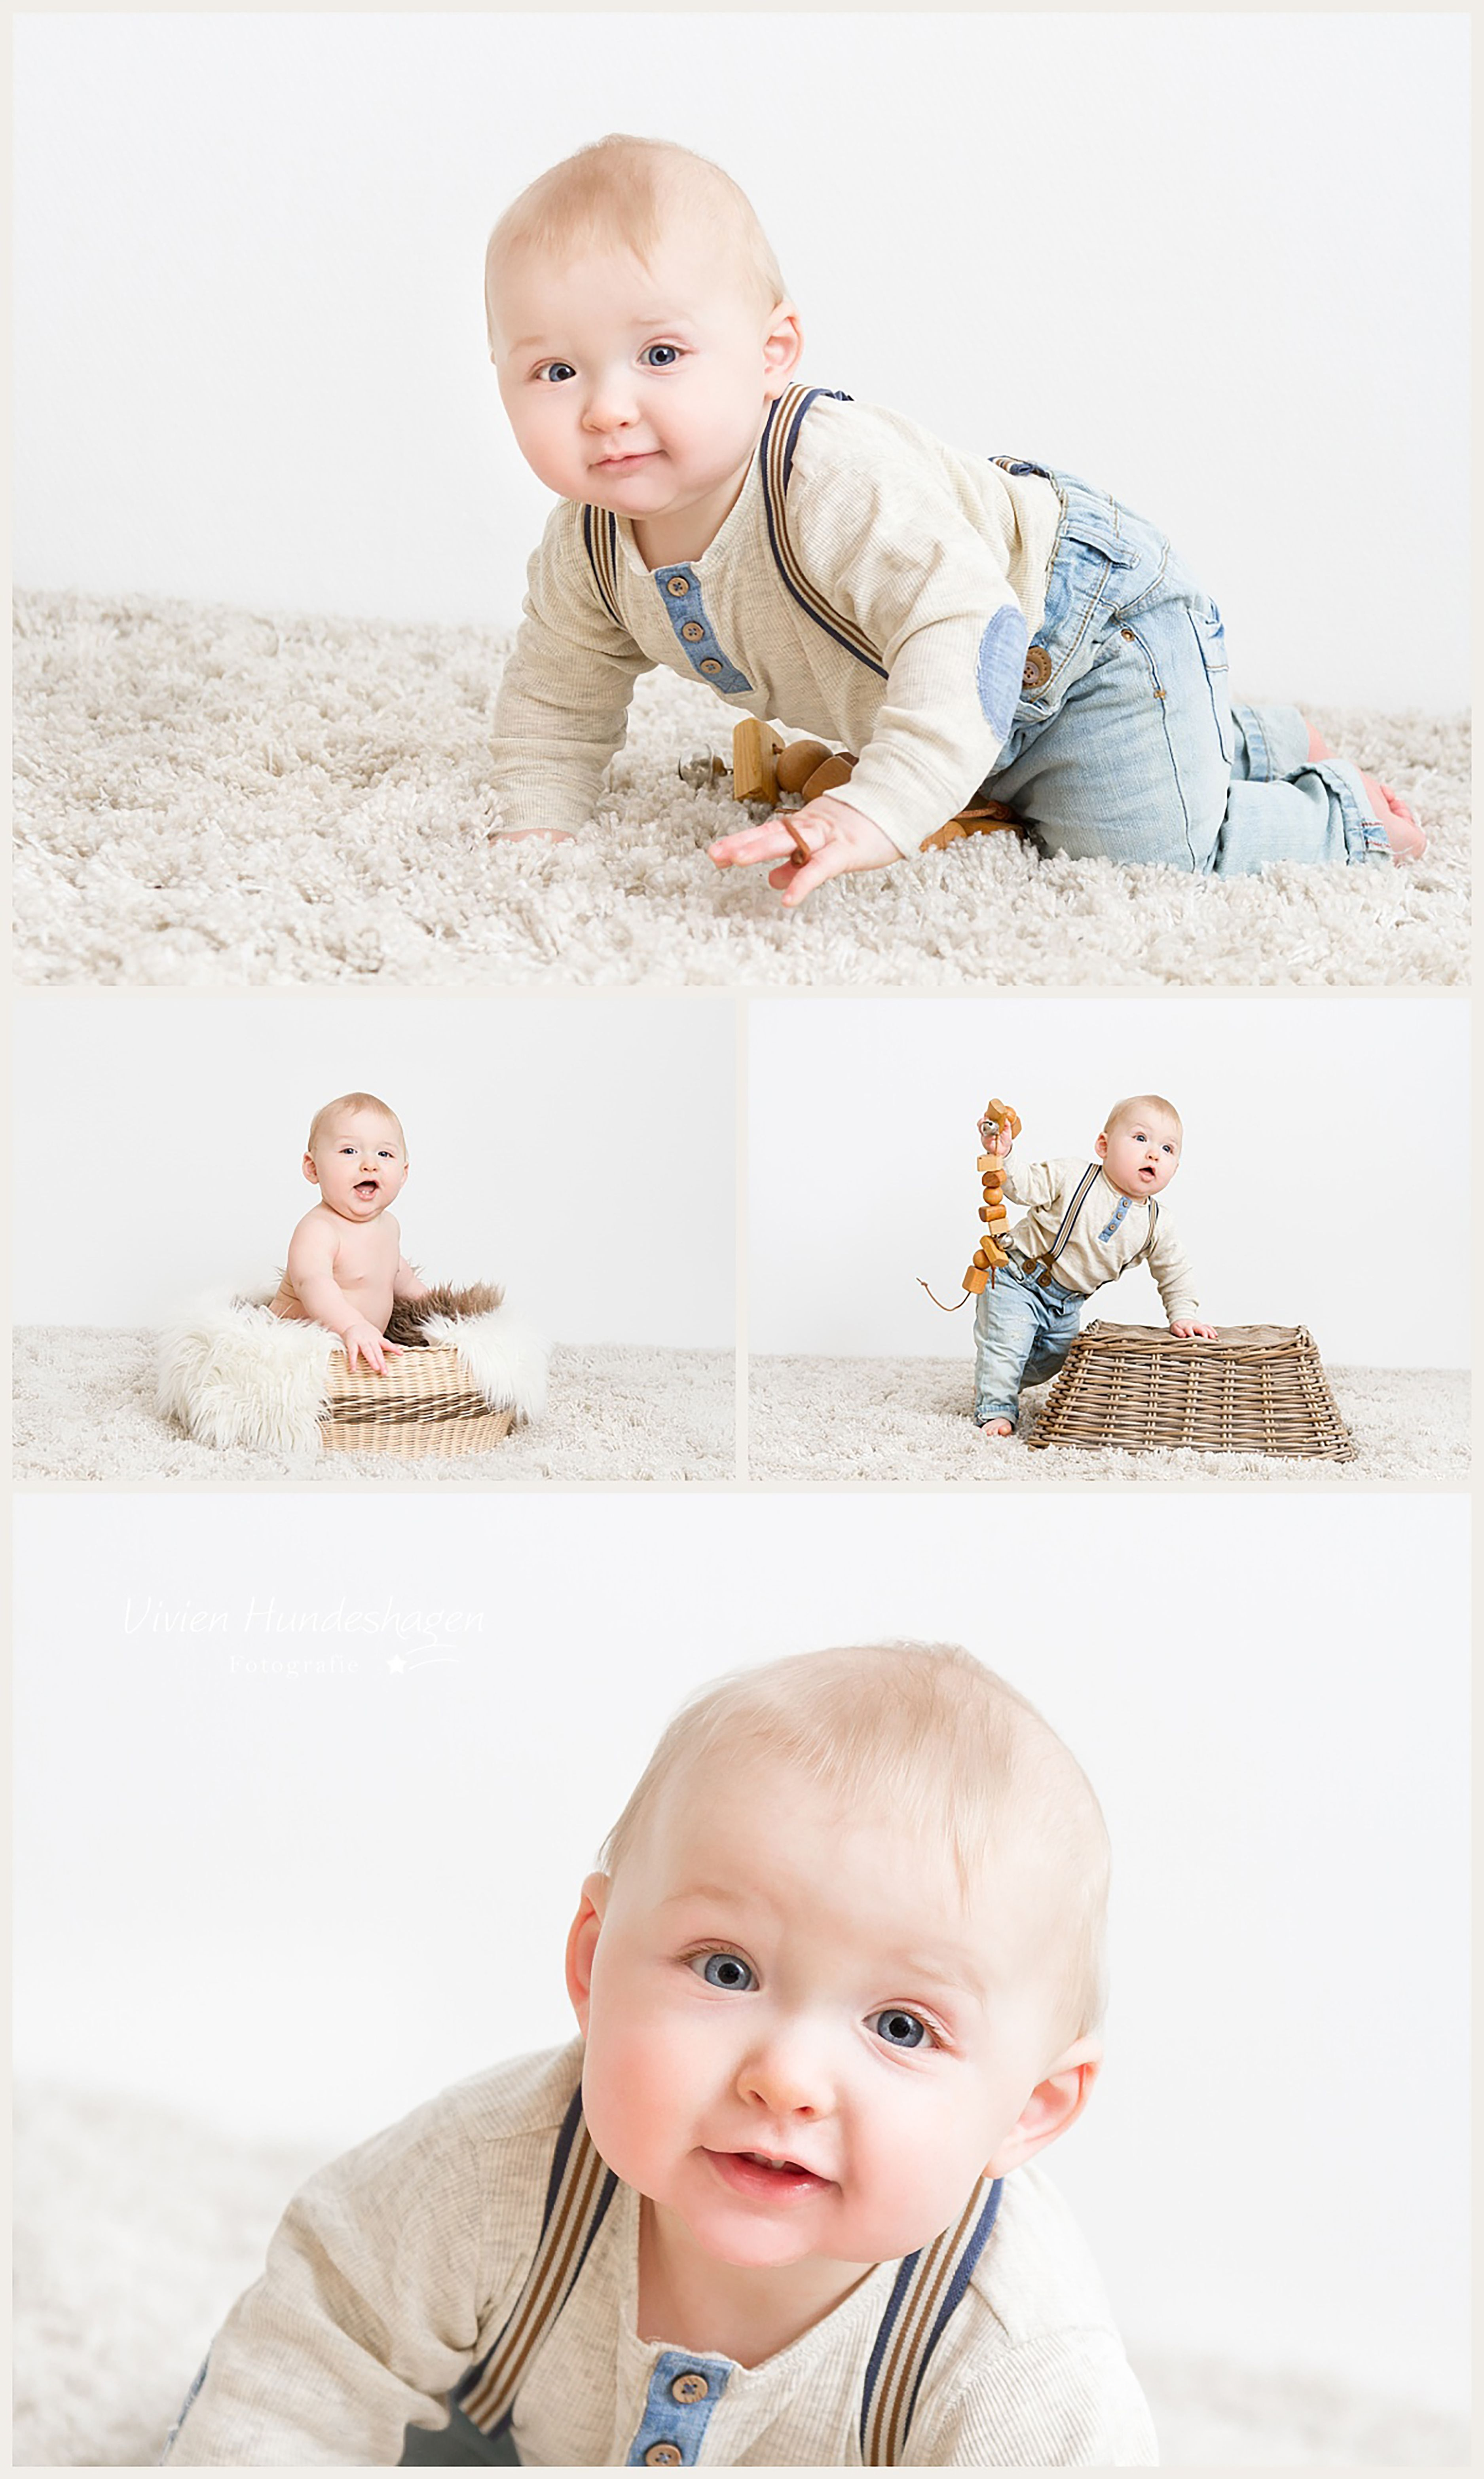 Babyfotos Mit Ben 9 Monate Hosentrager Sind So Toll 3 Babyfotos Baby Fotostudio